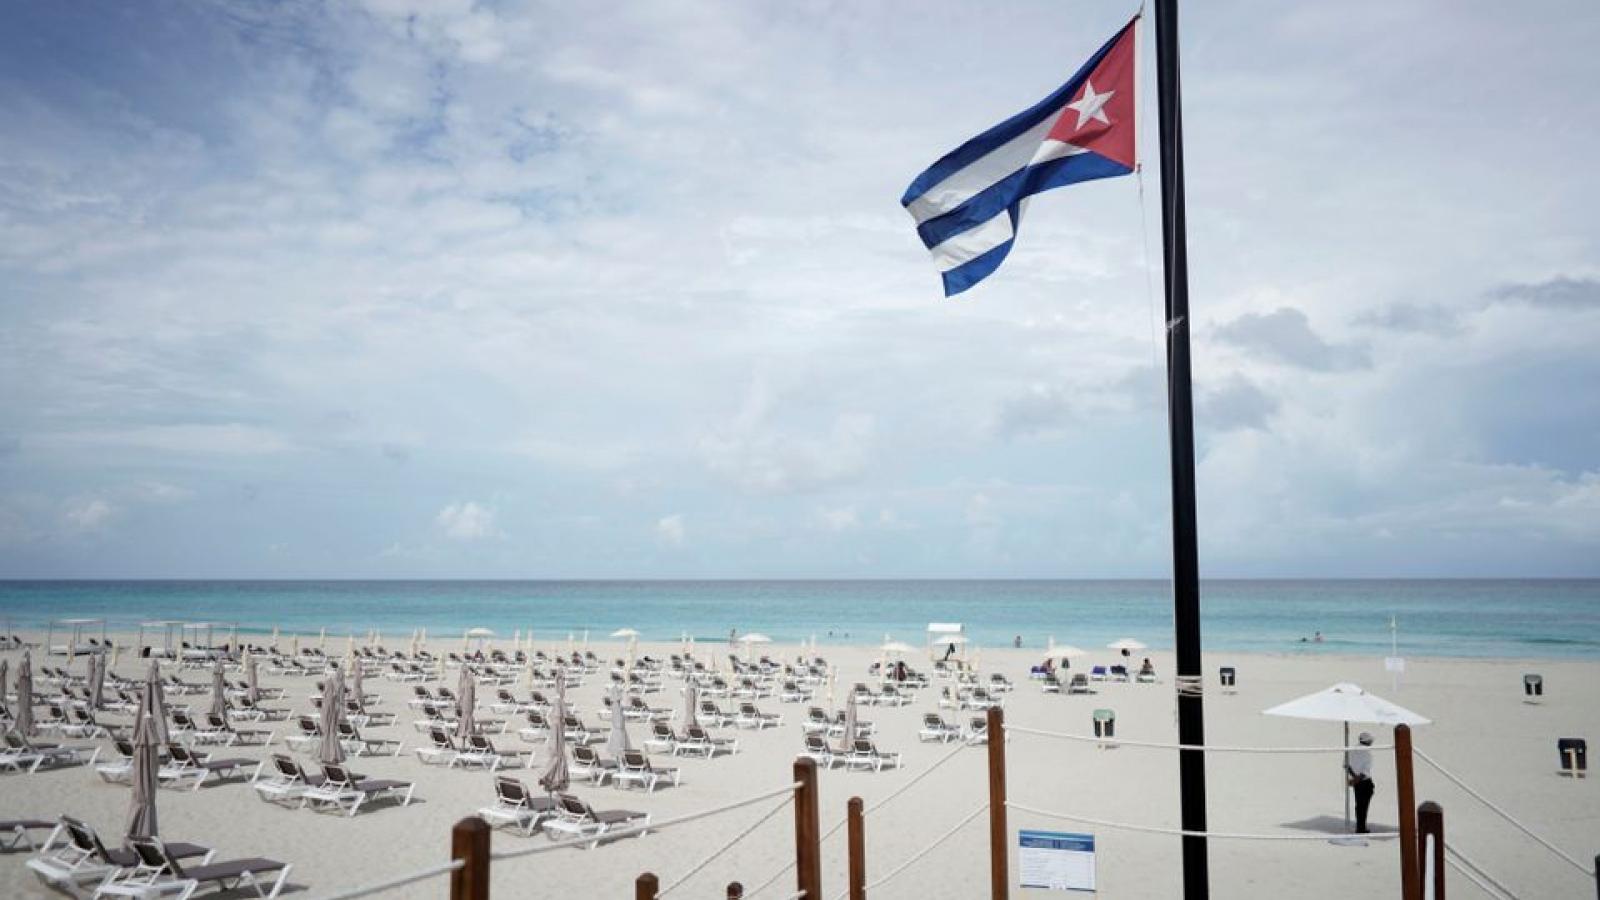 Cuba mở cửa biên giới và nới lỏng yêu cầu về nhập cảnh để đón khách du lịch